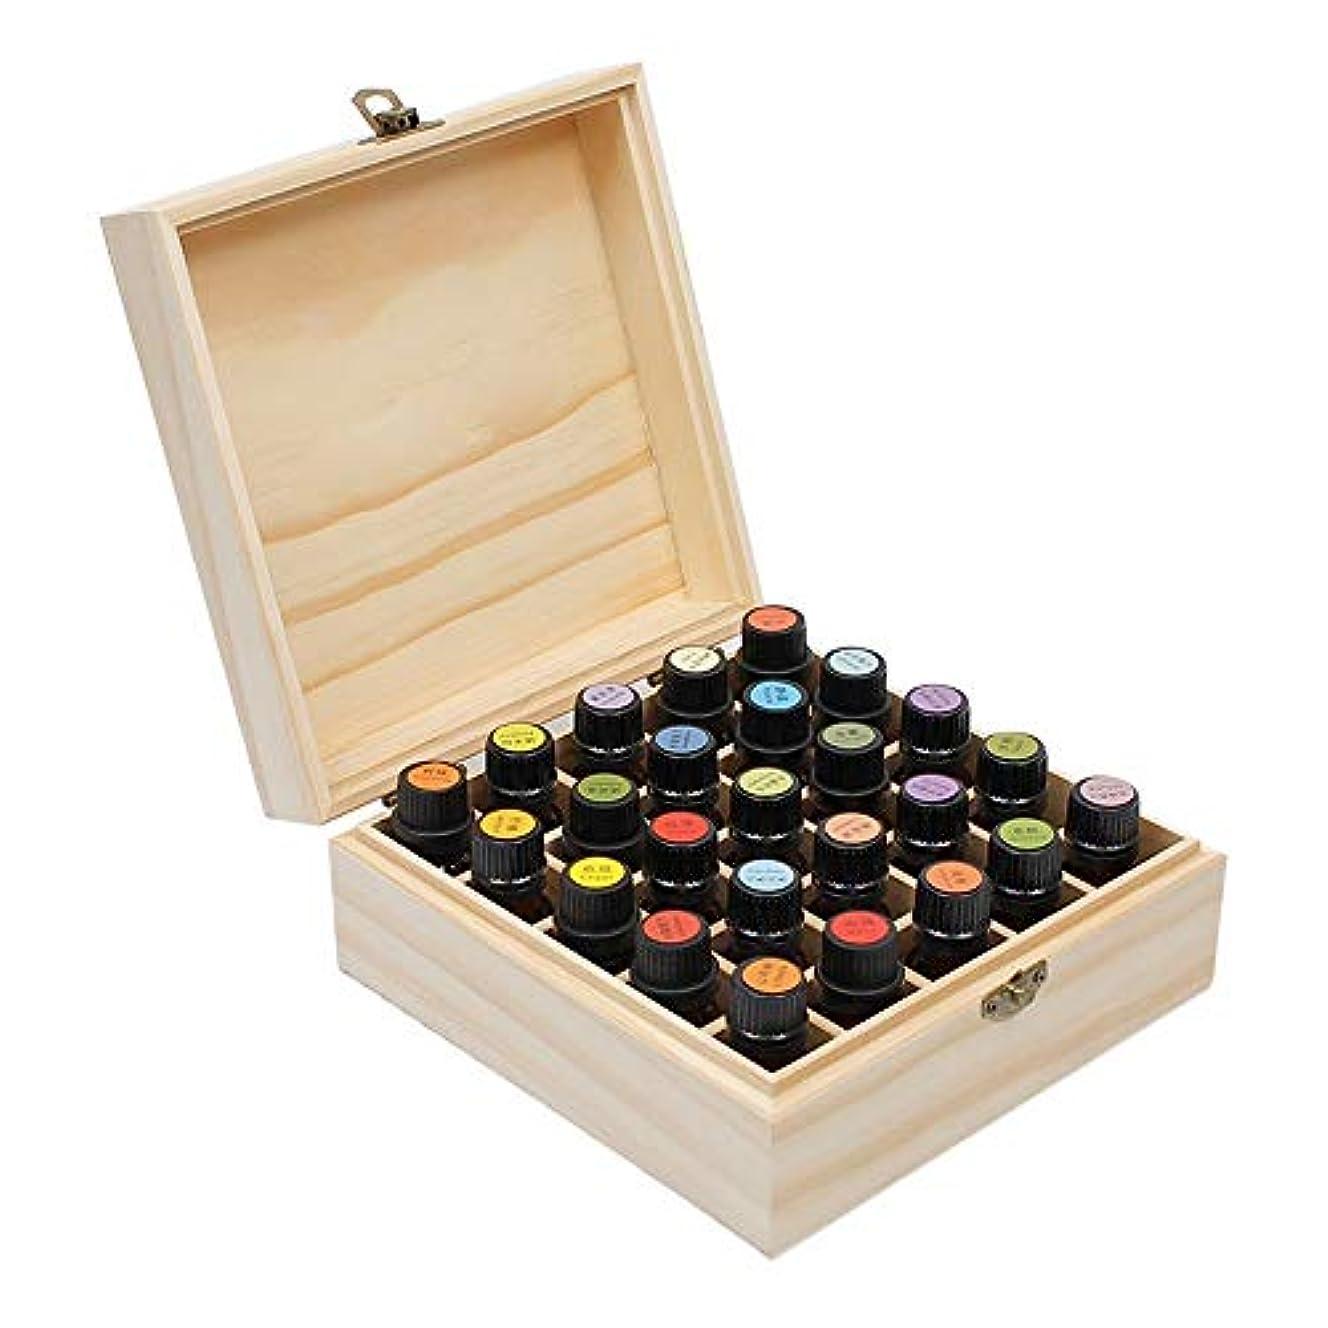 なんでもメディック従順なエッセンシャルオイルストレージボックス 25搬送するためのスロットエッセンシャルオイルボックス木製収納ケースとホームストレージの表示 旅行およびプレゼンテーション用 (色 : Natural, サイズ : 18.3X18.3X8.3CM)